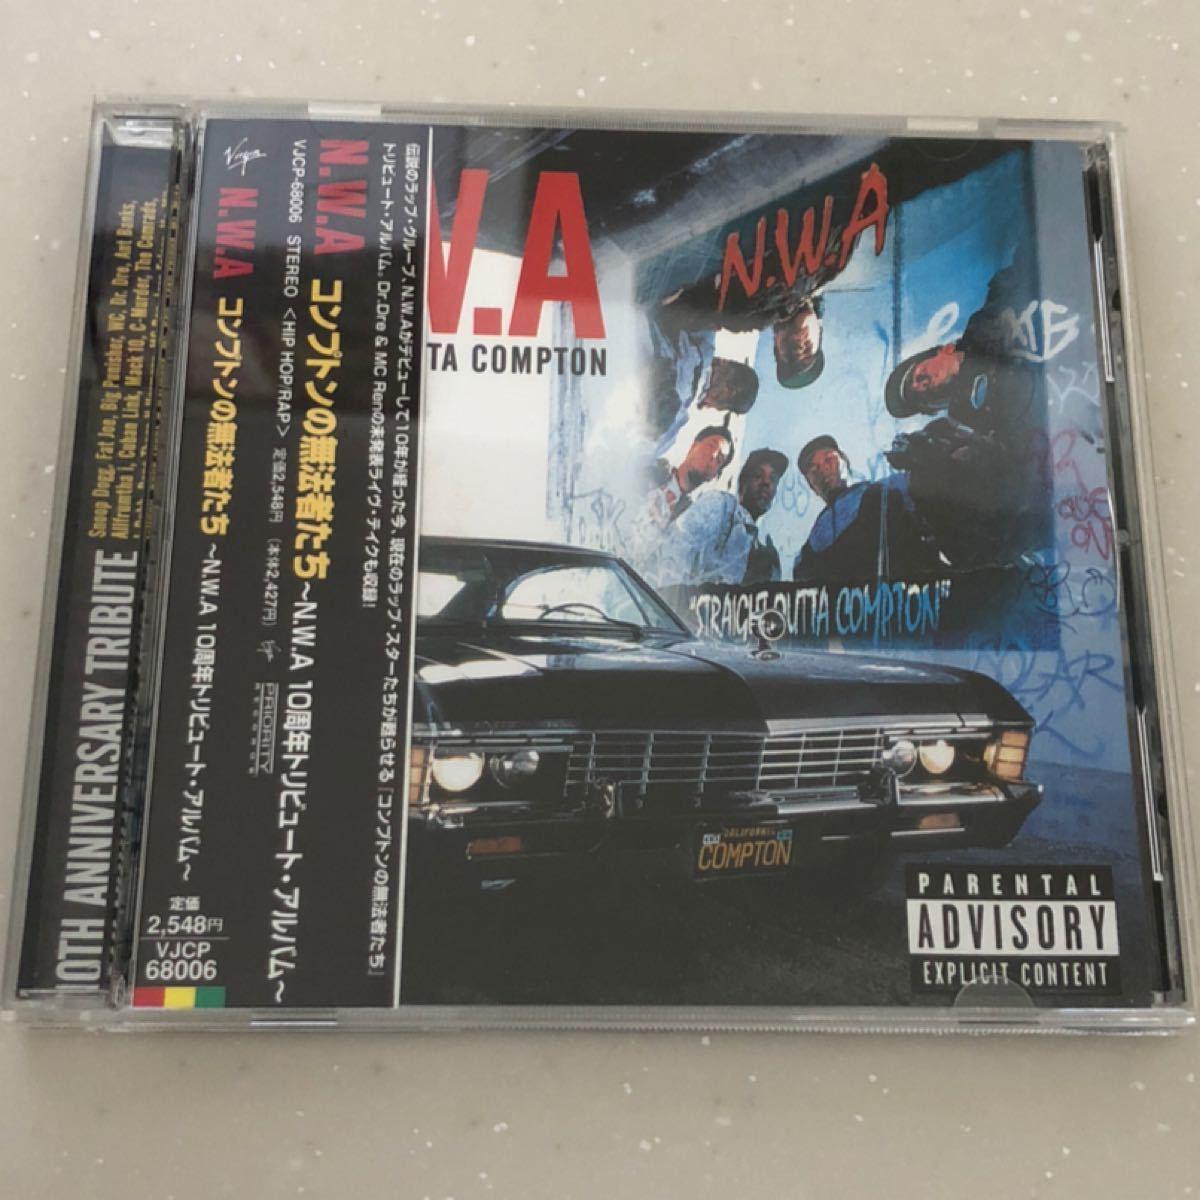 オムニバス/コンプトンの無法者たち〜N.W.A 10周年トリビュート・アルバム〜